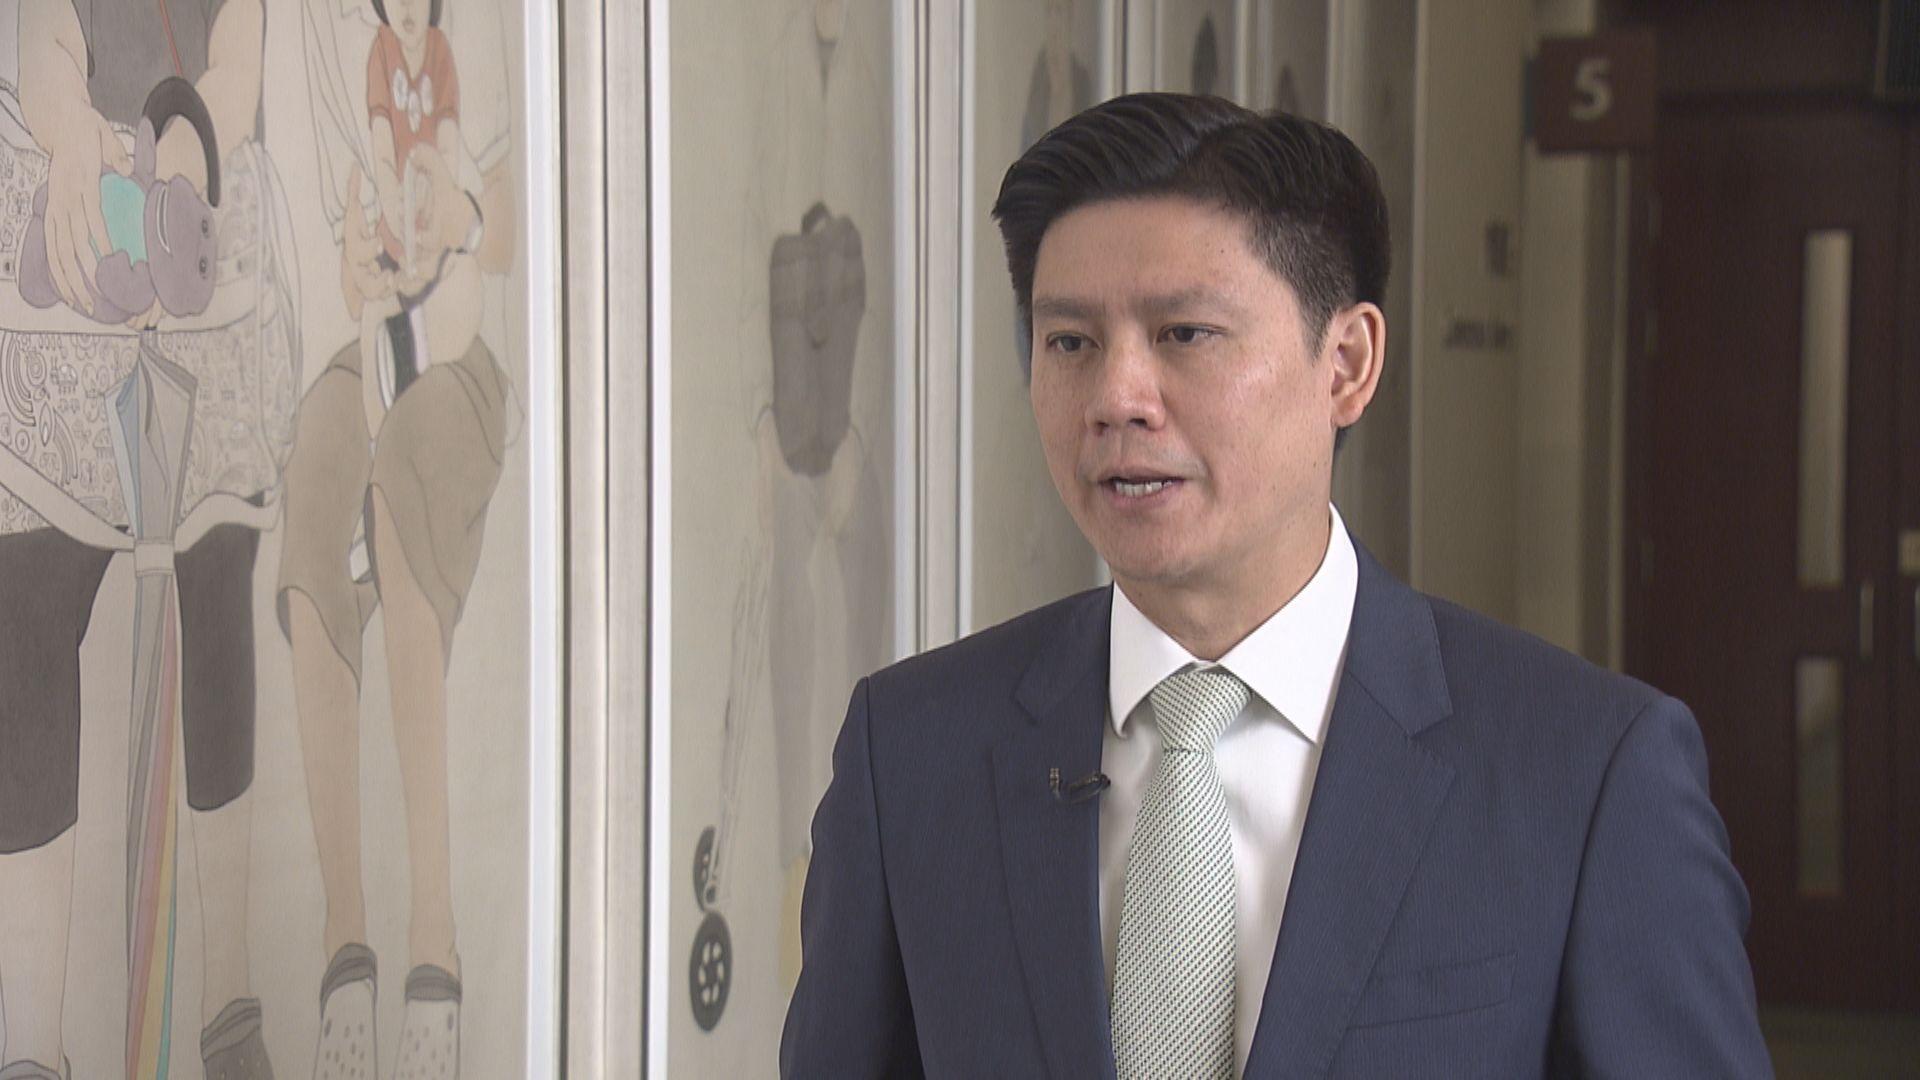 譚文豪:民航處措施對航空交通影響不大